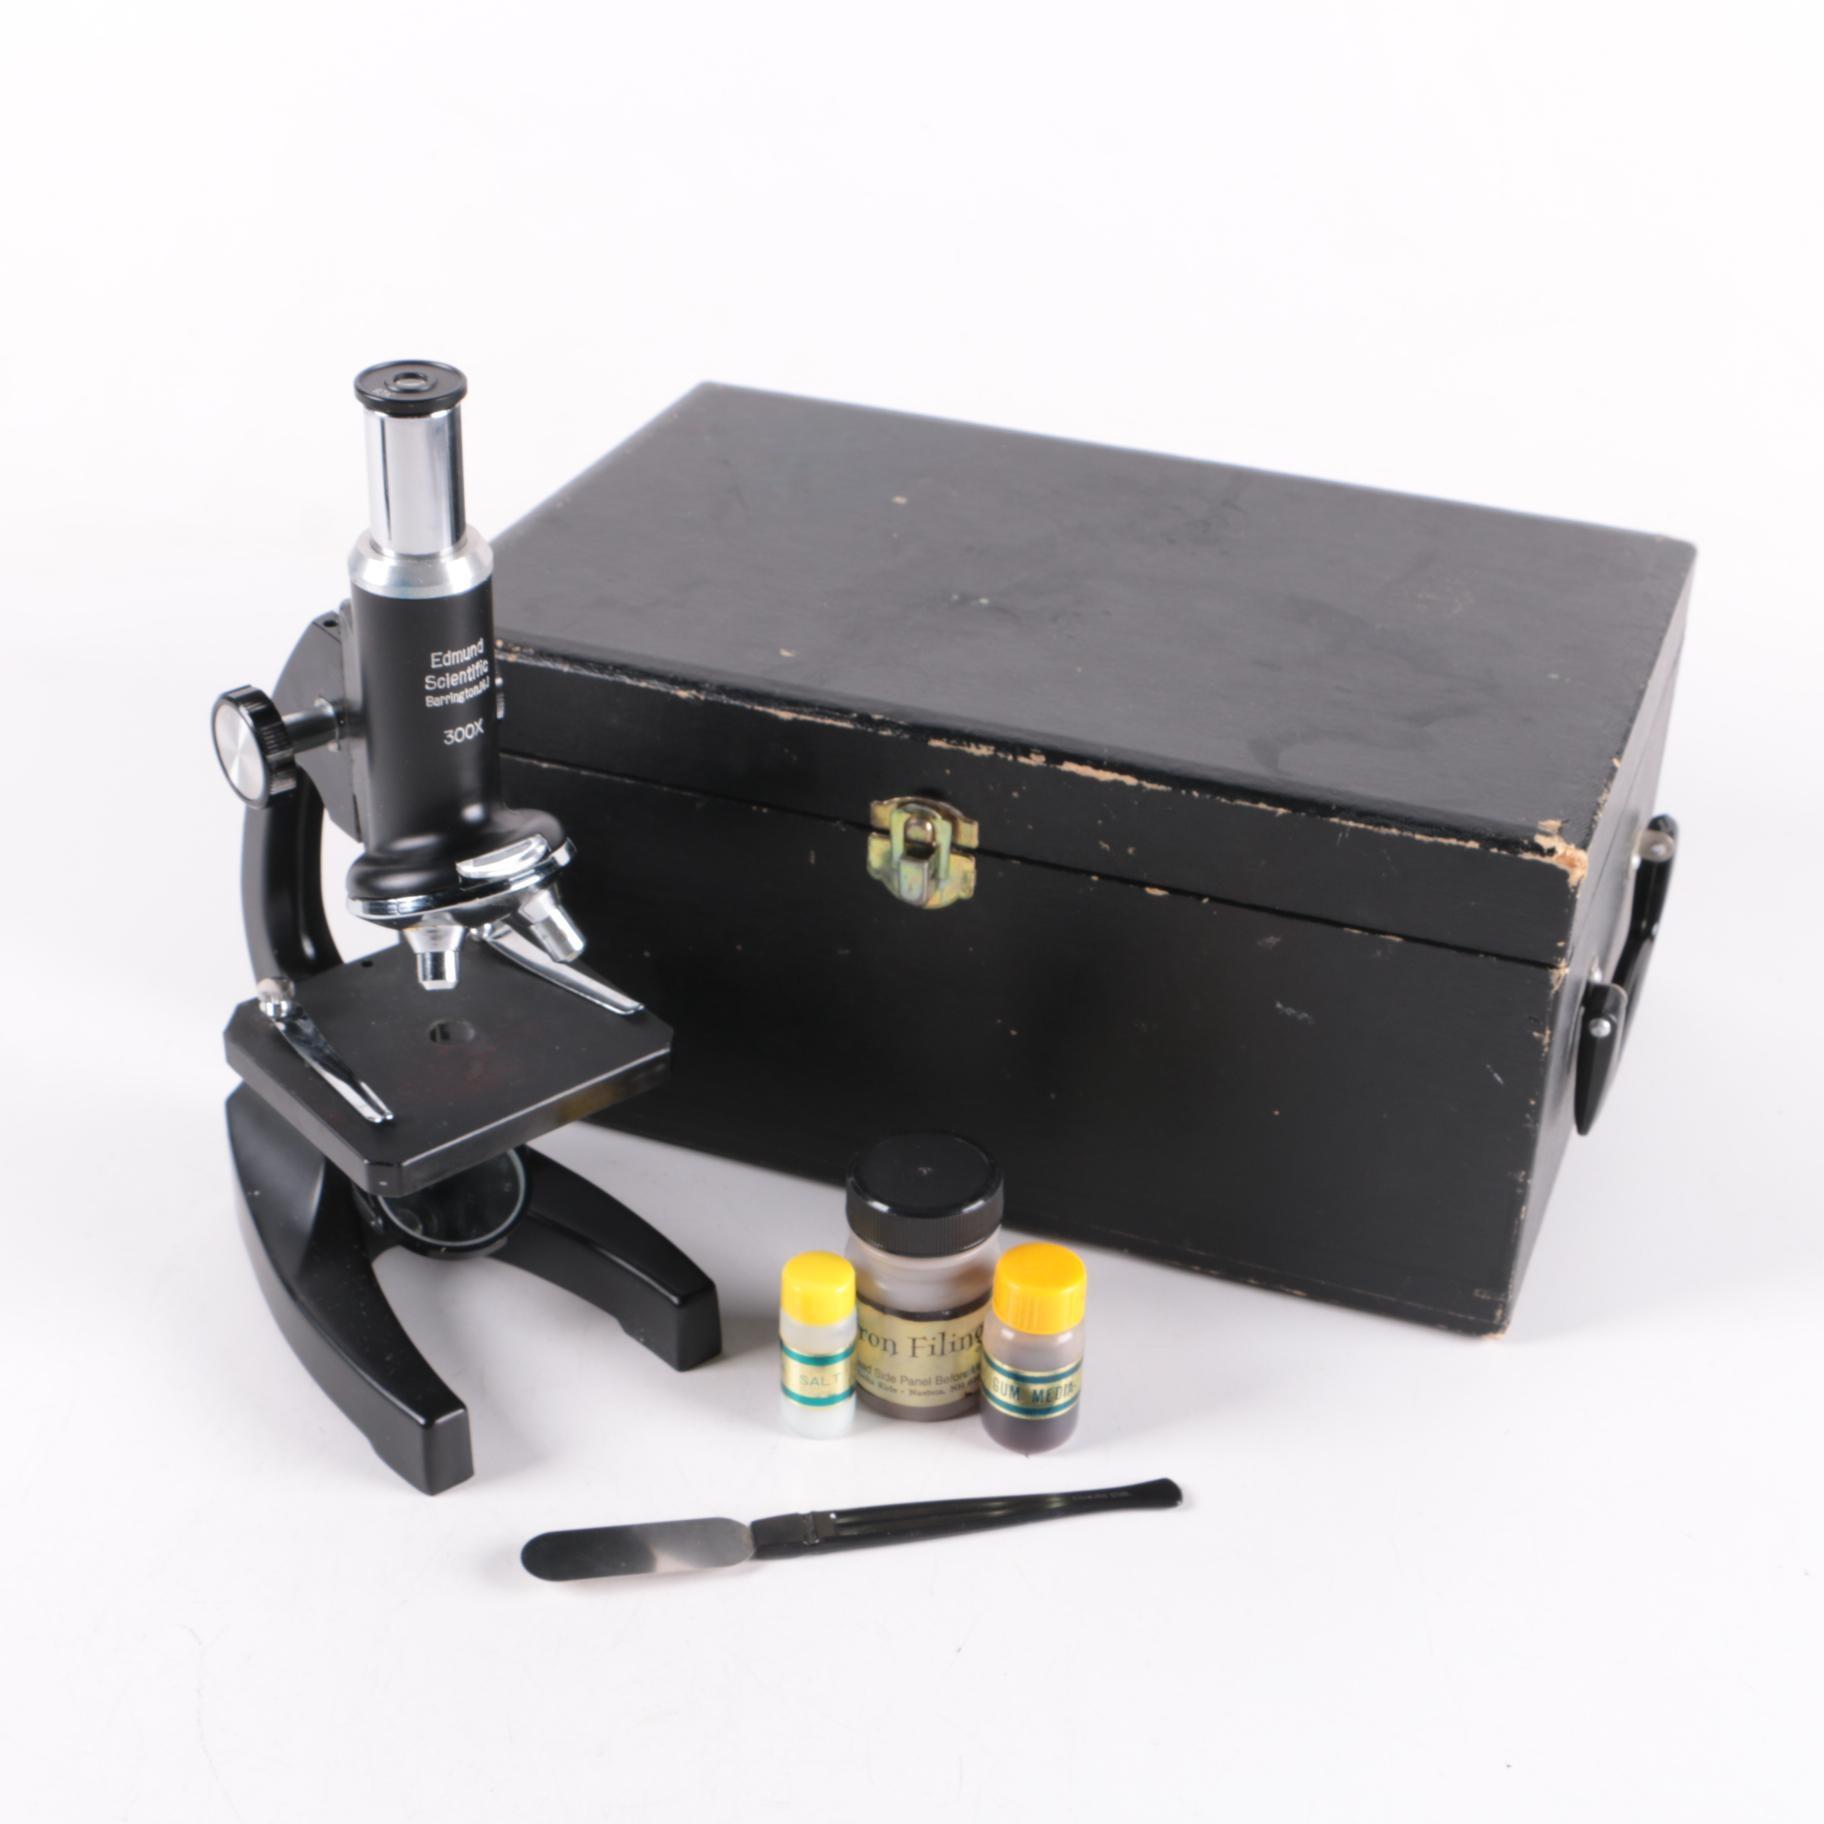 Edmund Scientific Monocular Microscope